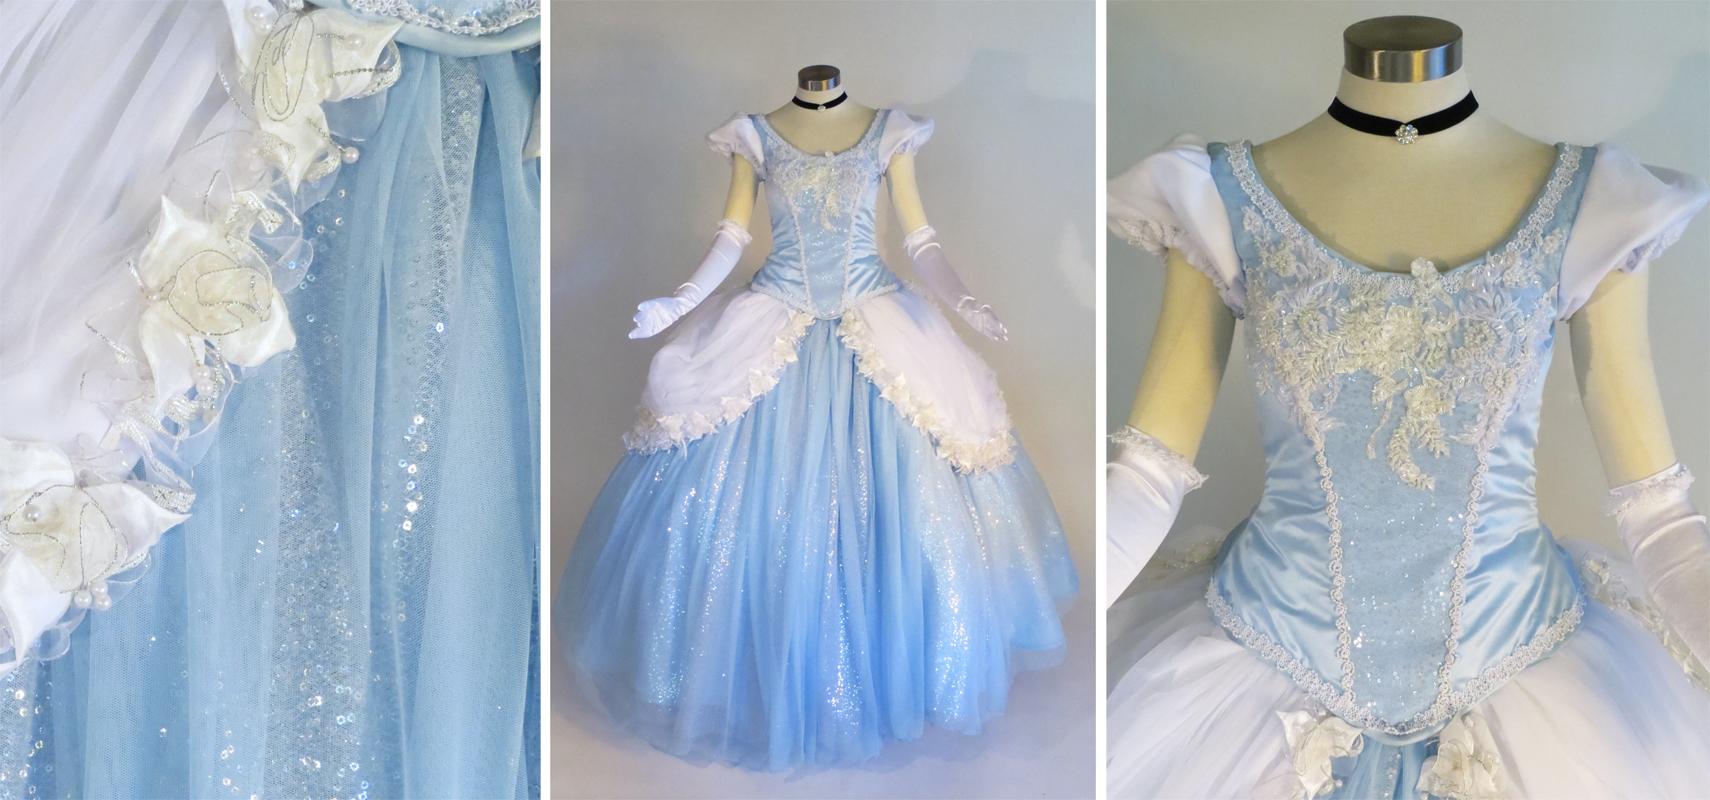 Dreamy Cinderella